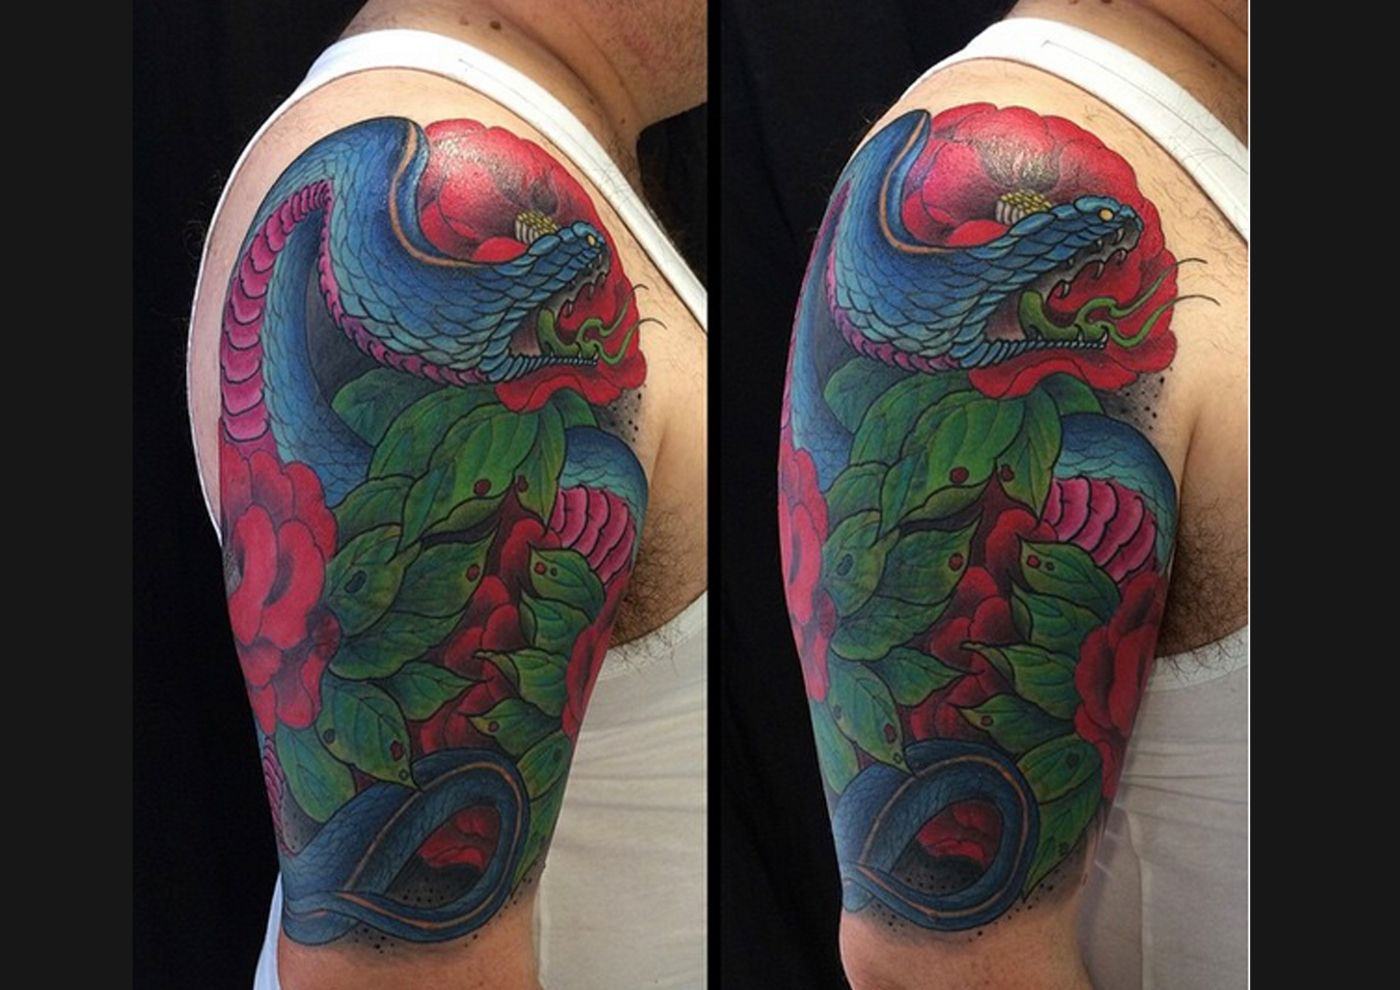 Tattoo Tattoos, Art tattoo, Art